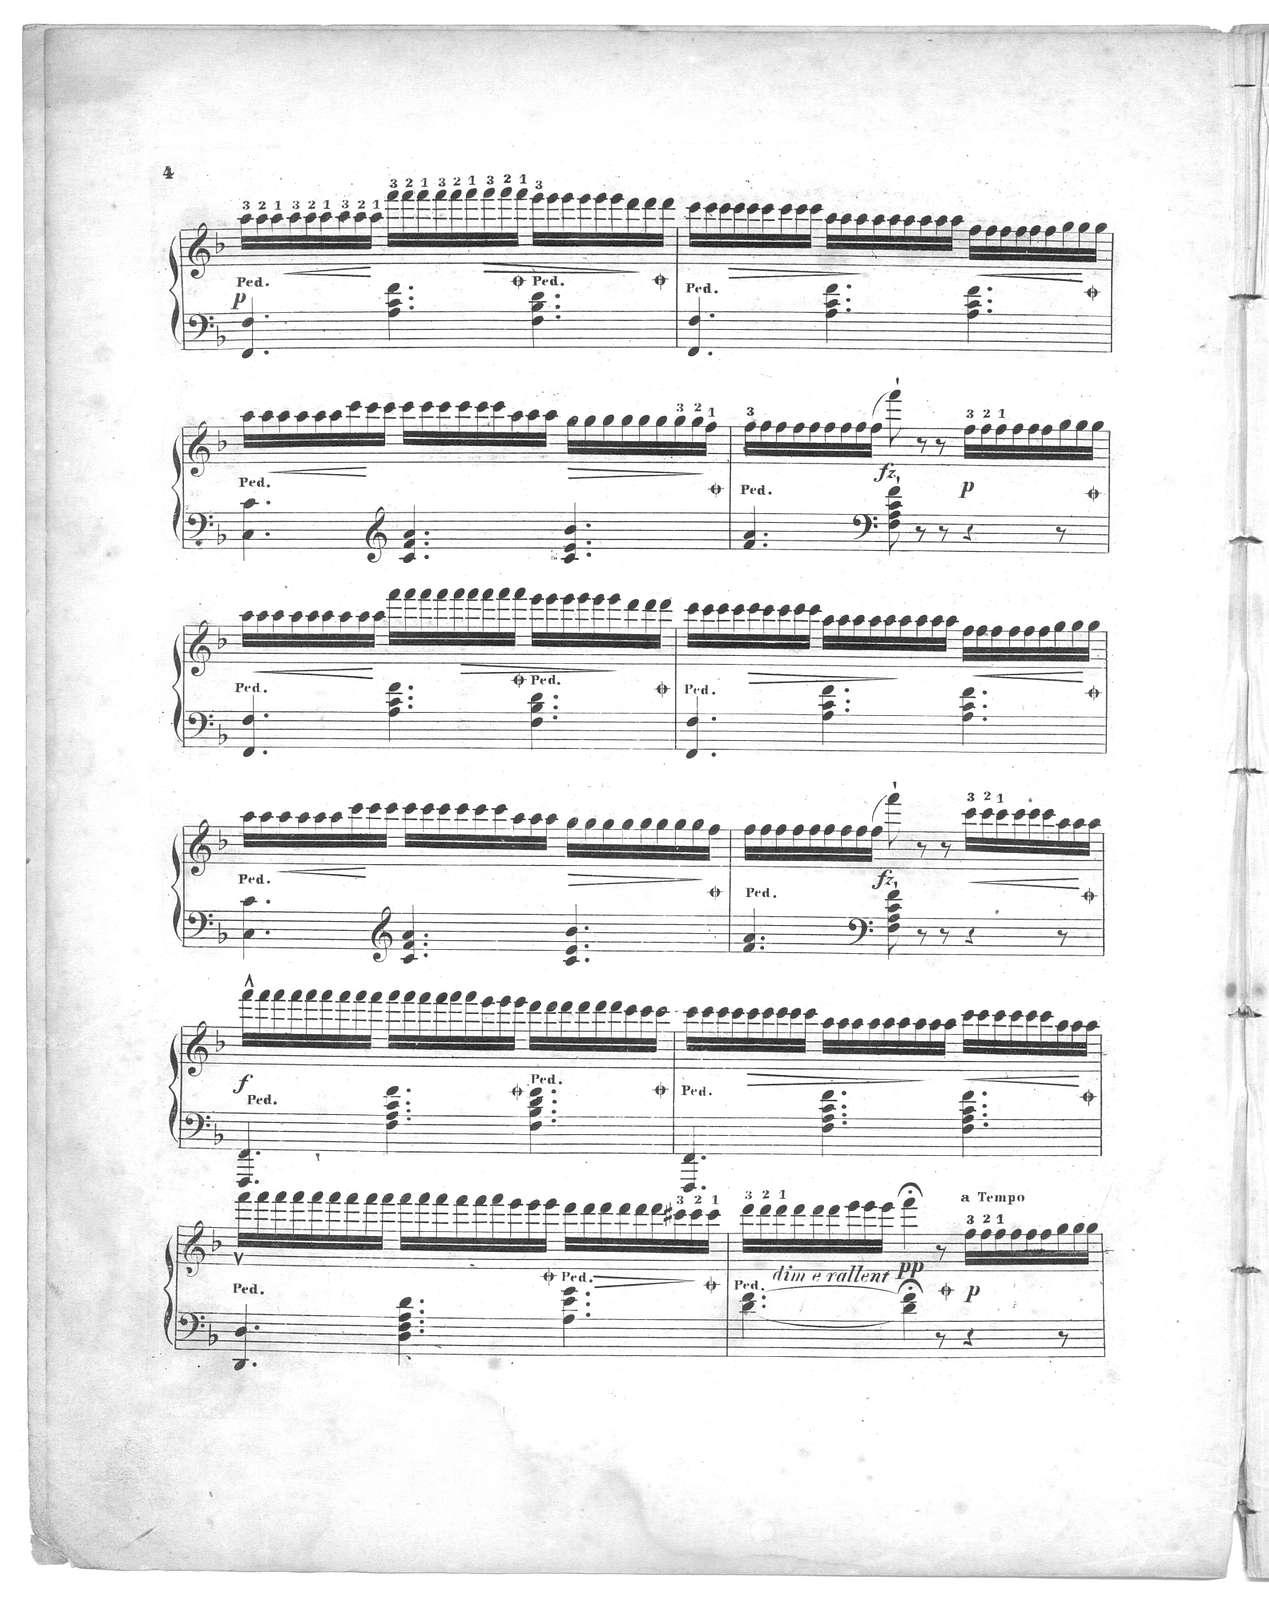 Souvenir de Martha, op. 34